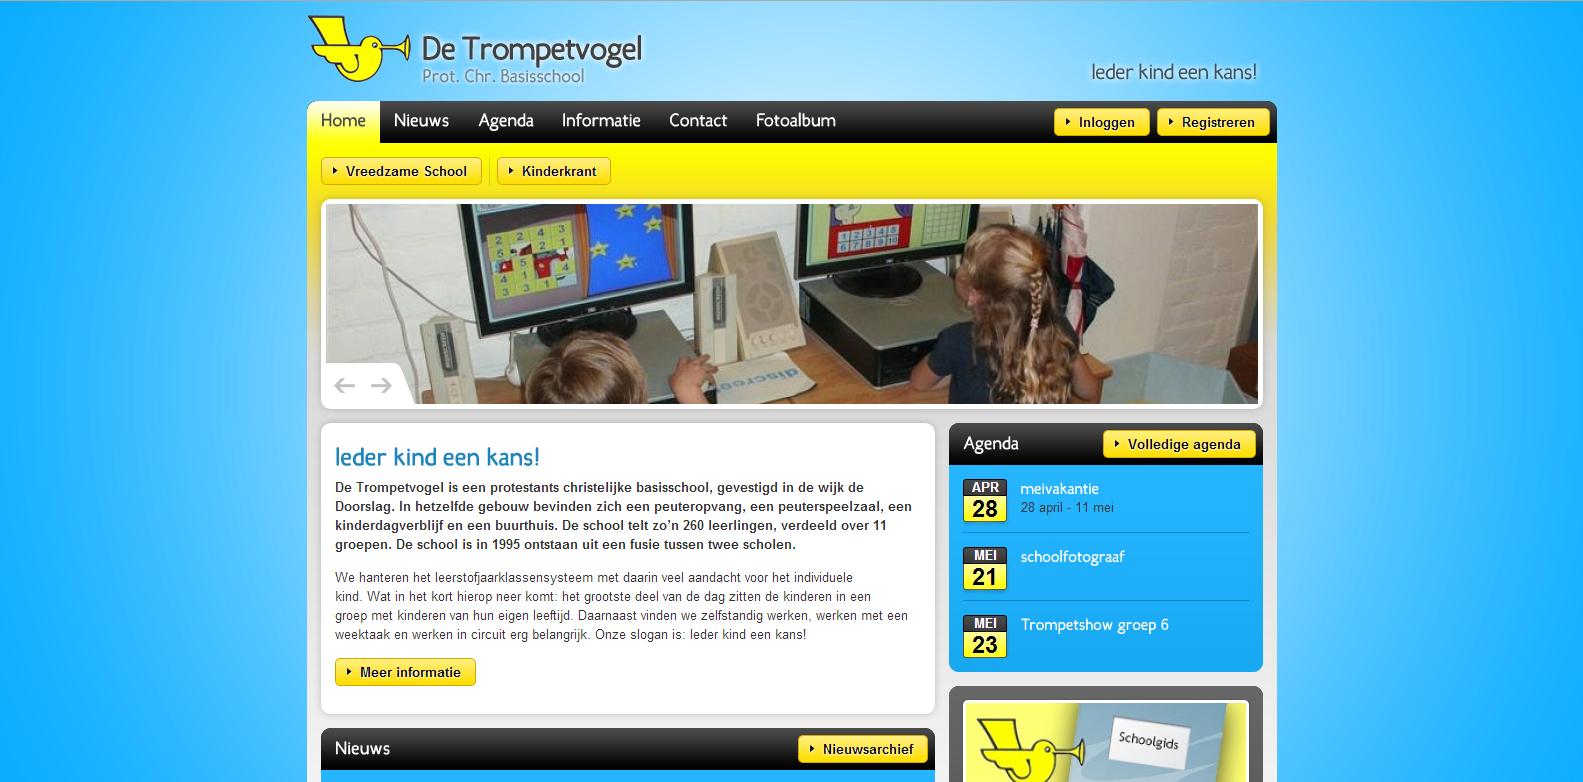 Basisschool de Trompetvogel